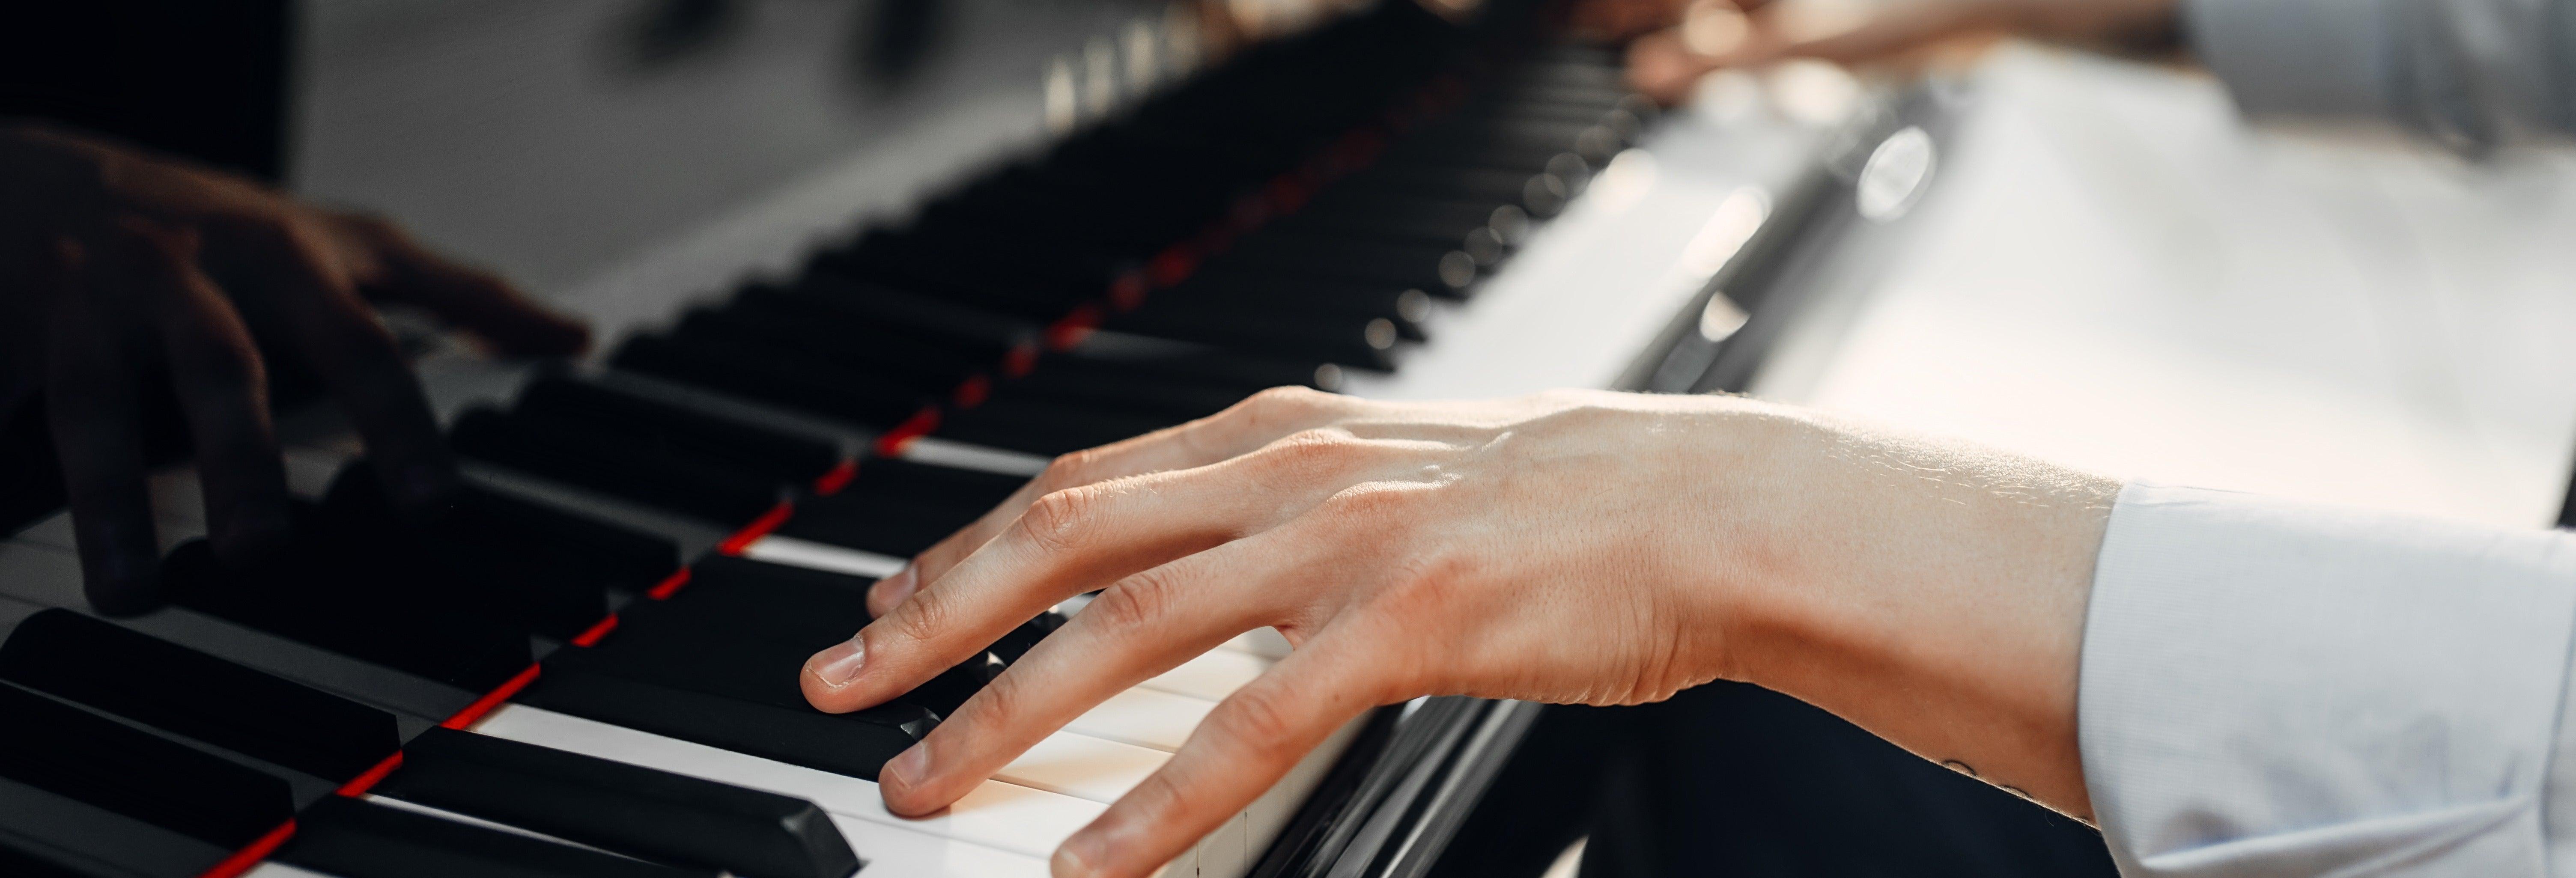 Concerto de piano com música de Chopin